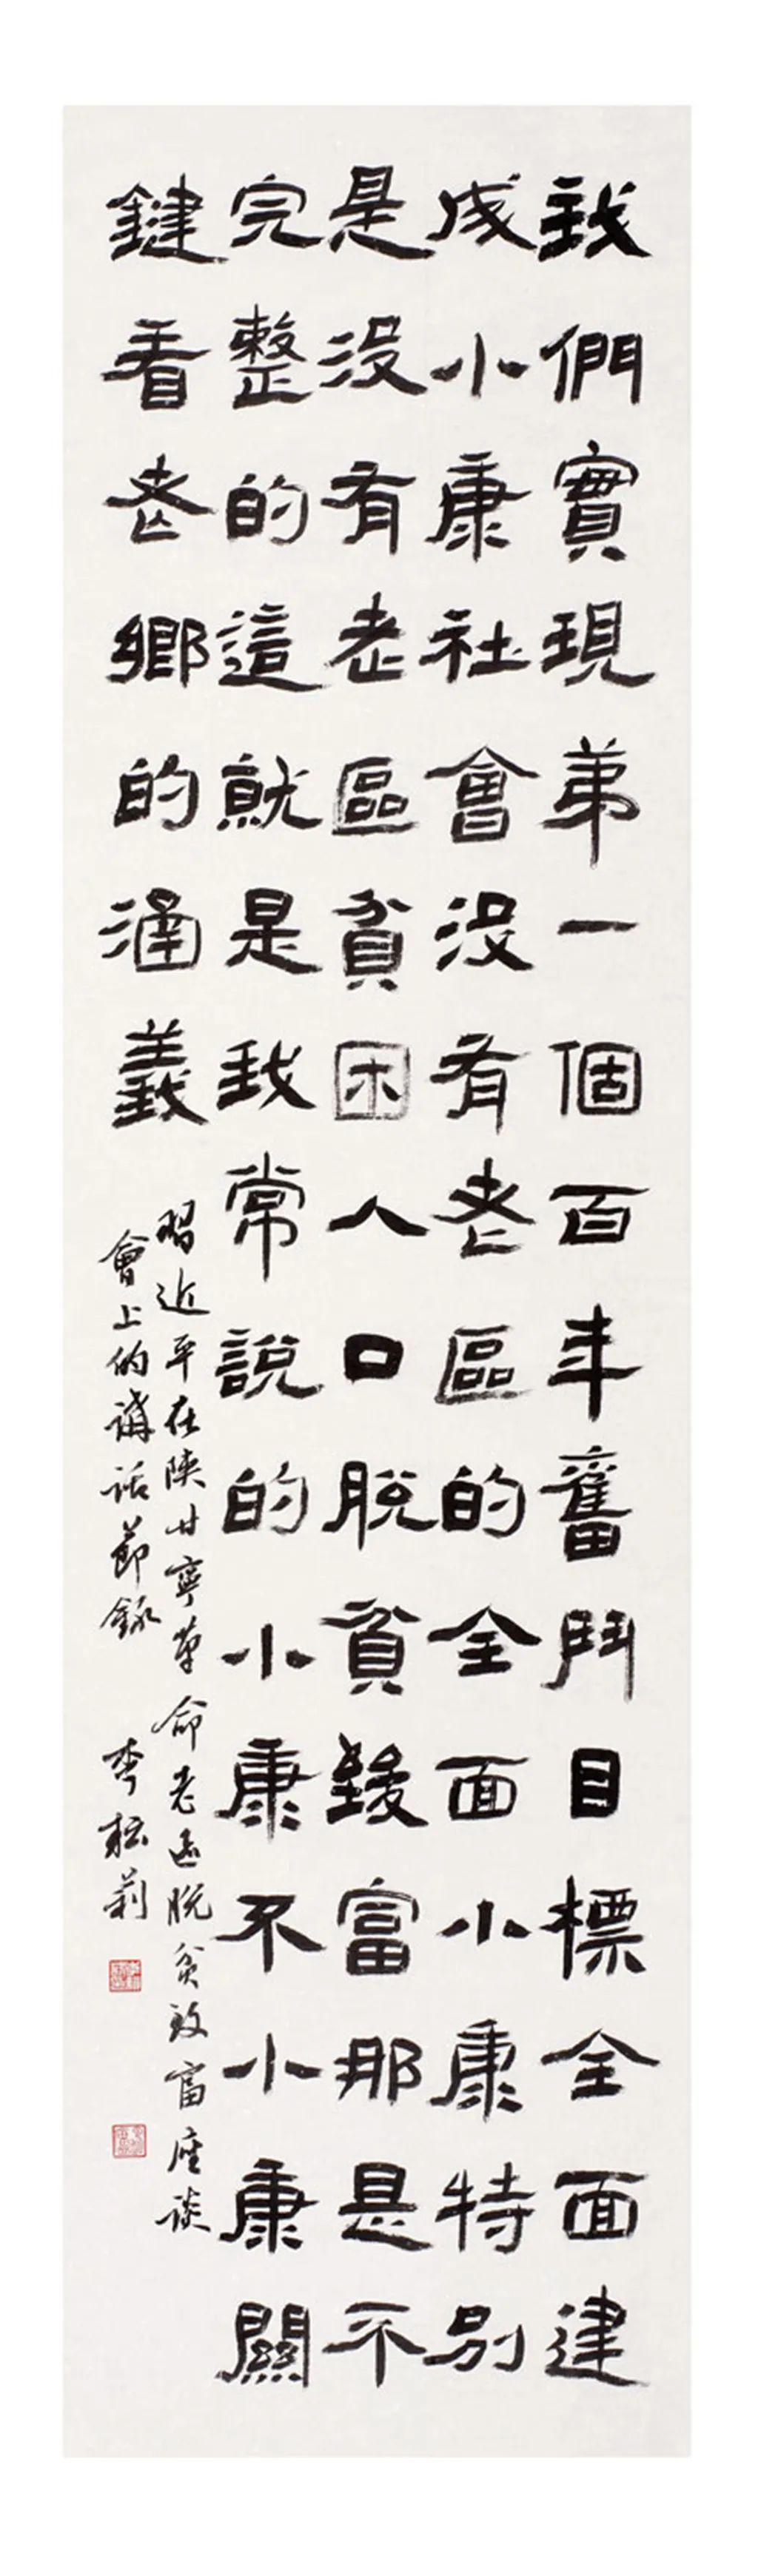 中国力量——全国扶贫书法大展作品 | 第一篇章 :人民至上(图29)